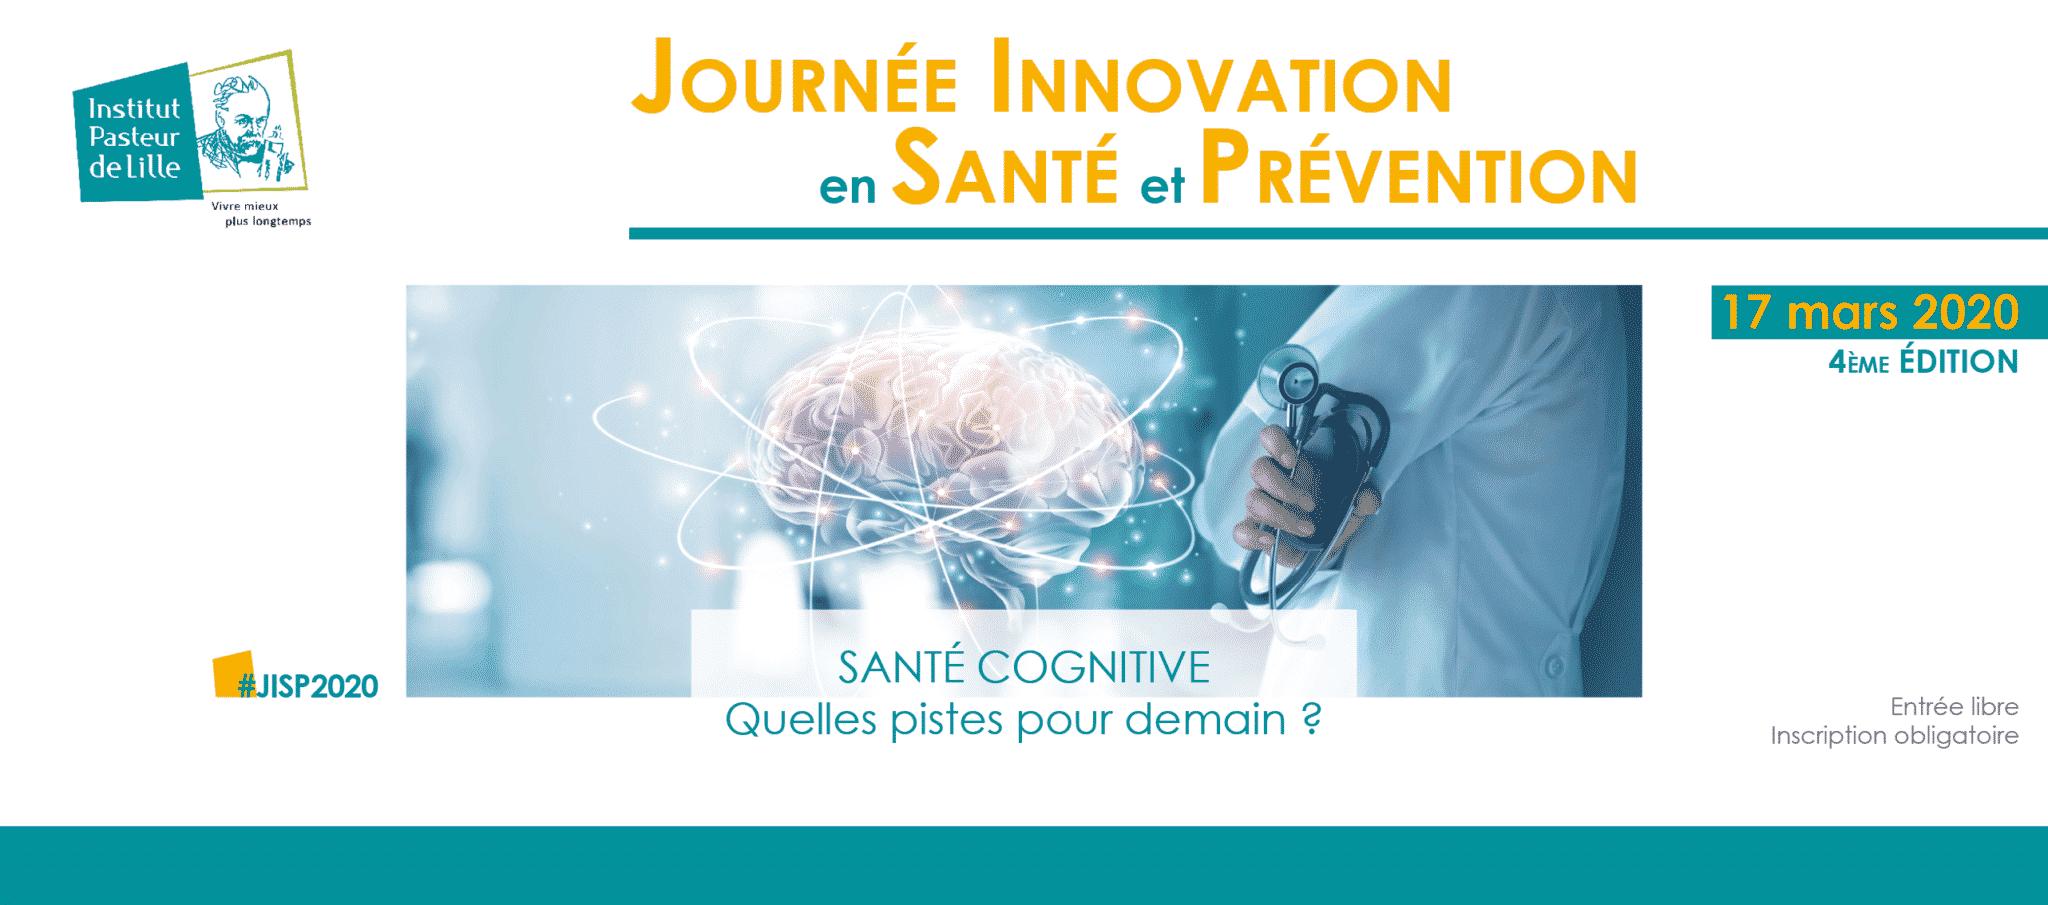 4e Journée Innovation en Santé et Prévention le 17 mars 2020